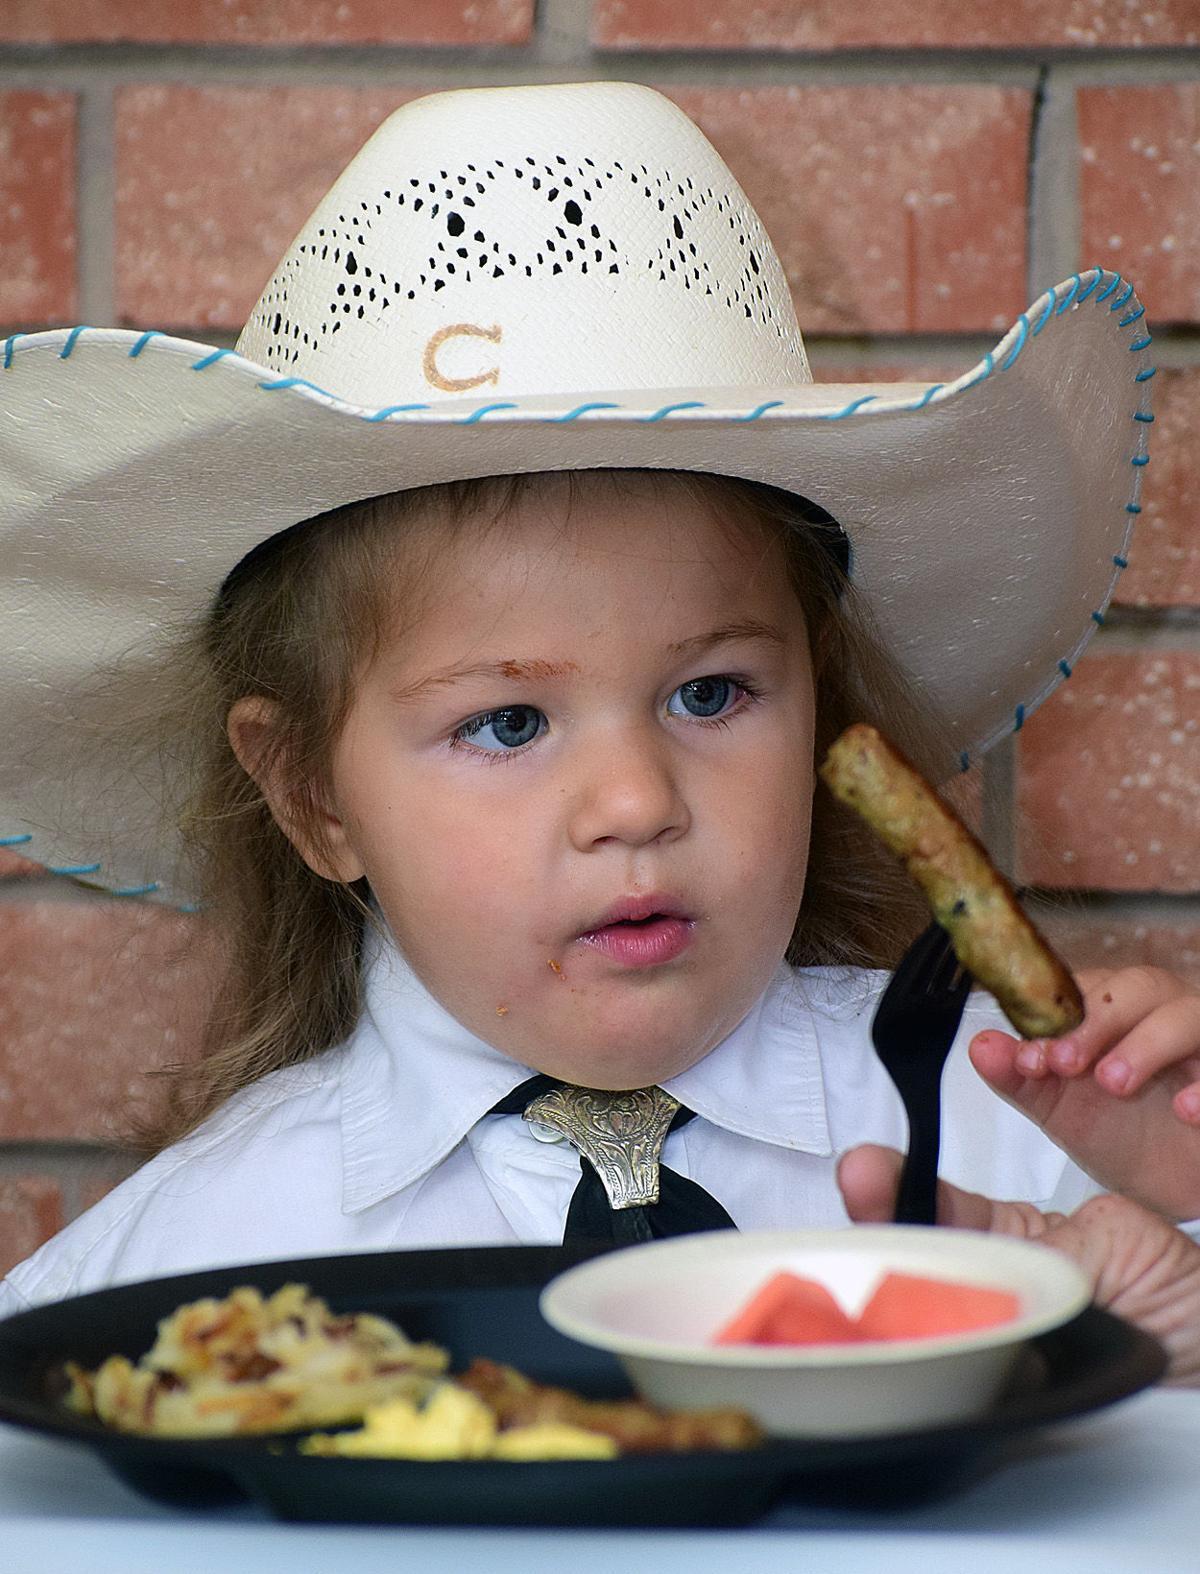 Lawton Rangers' annual rodeo breakfast